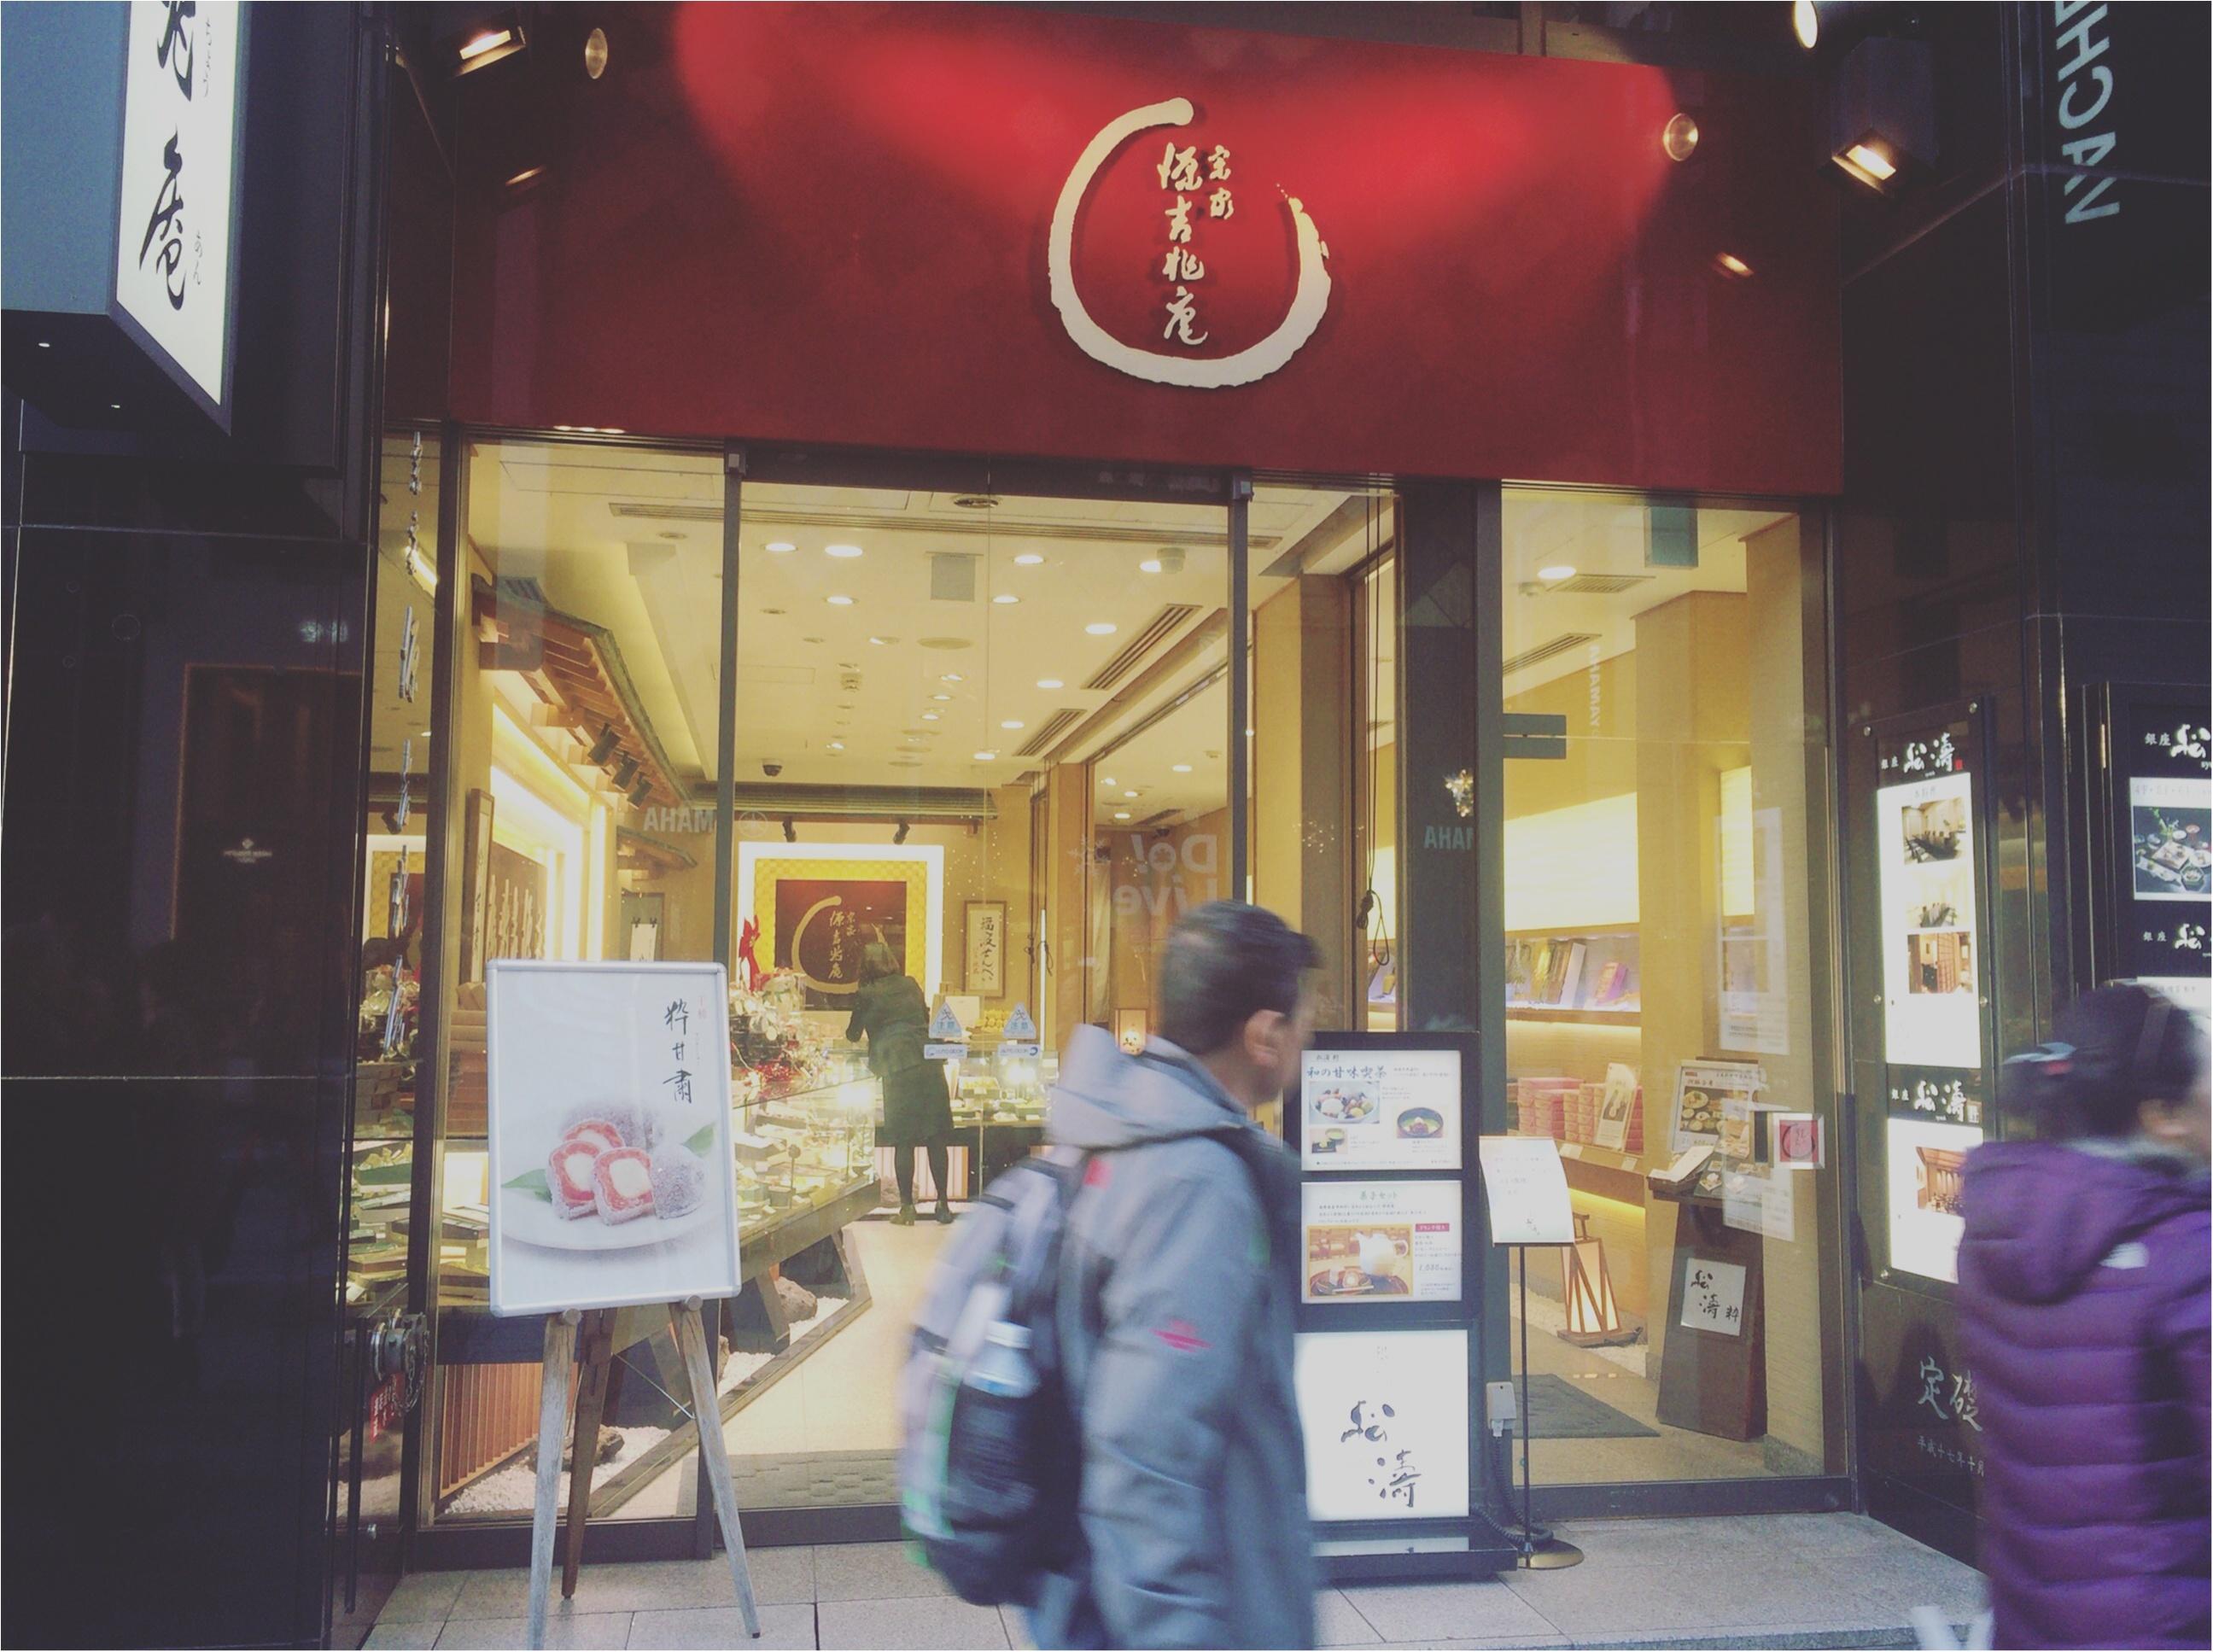 【銀座】和菓子屋「源 吉兆庵」の茶寮があるって知ってる?抹茶ぜんざい♡≪samenyan≫_1